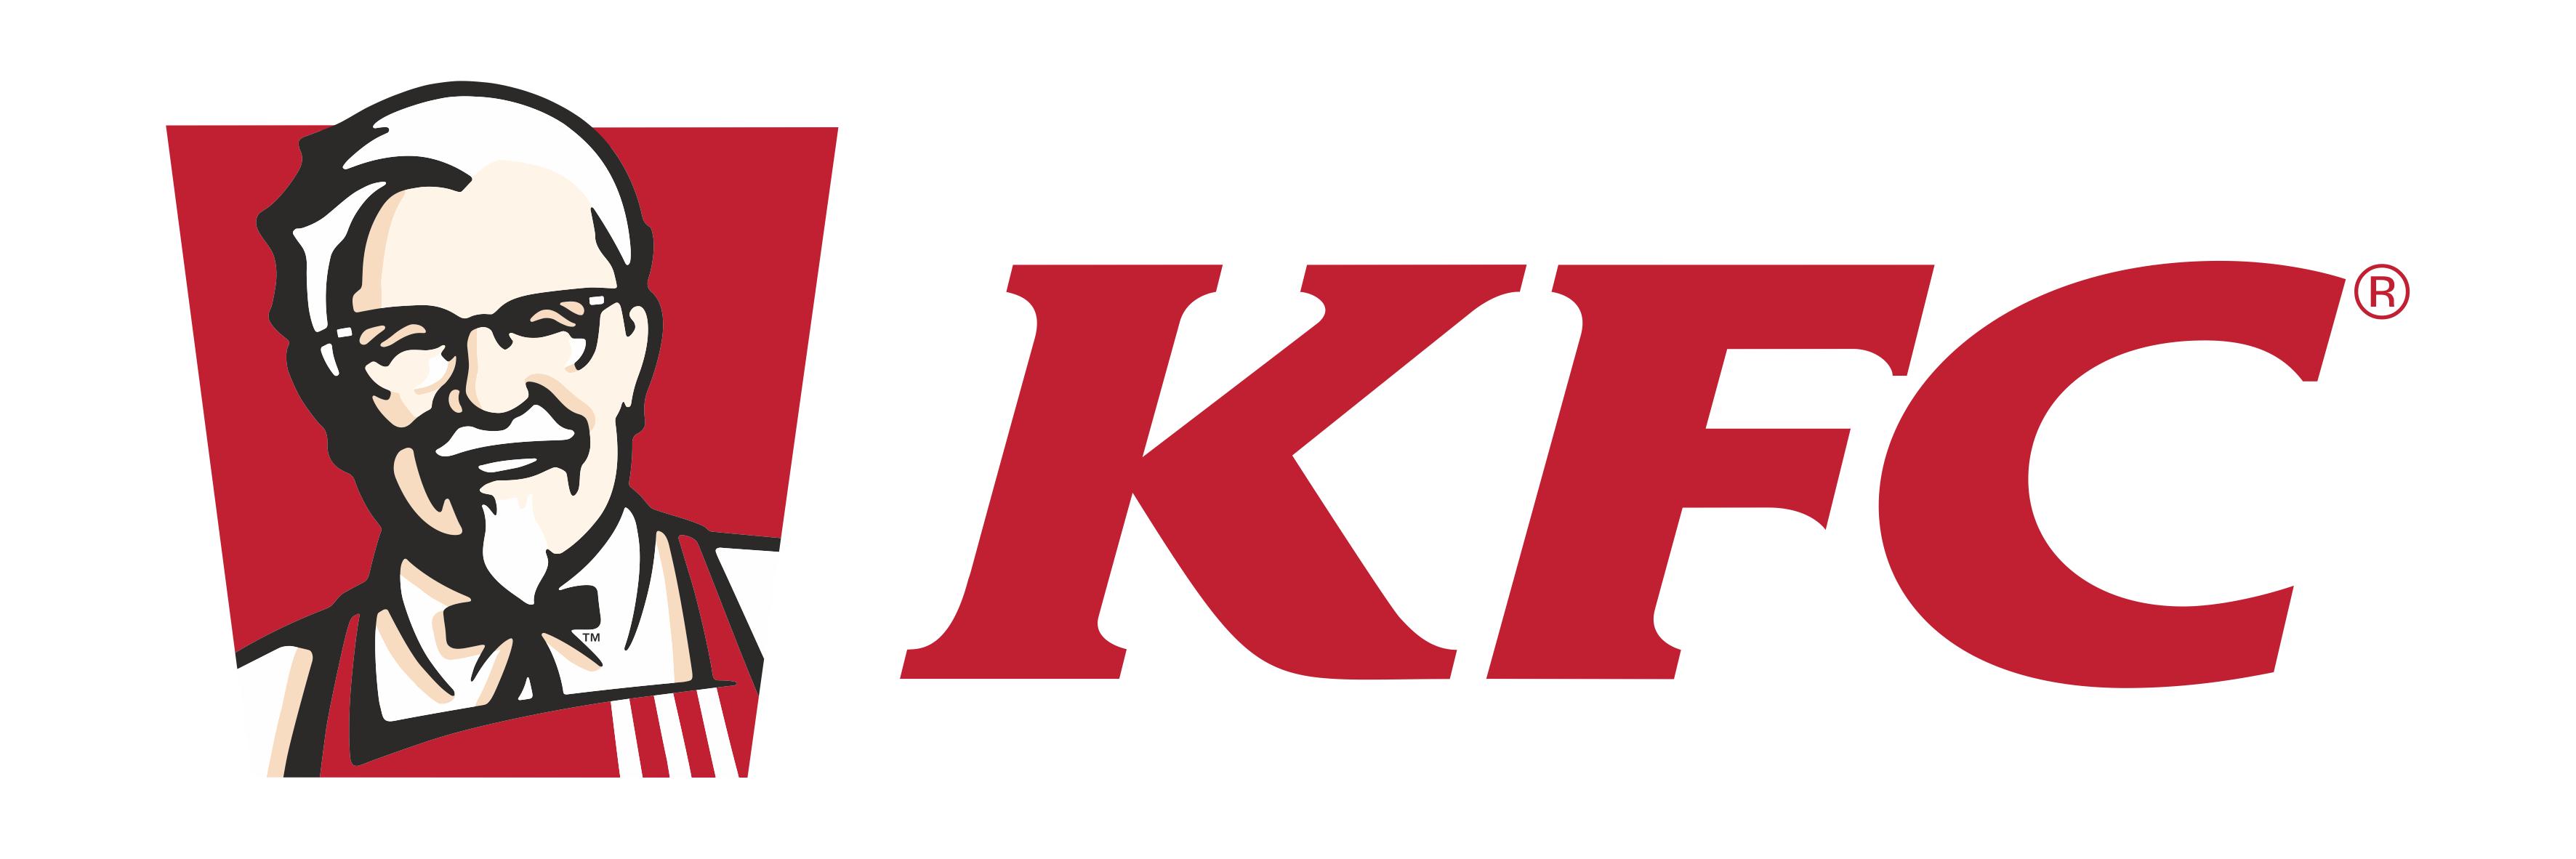 training and development at kfc